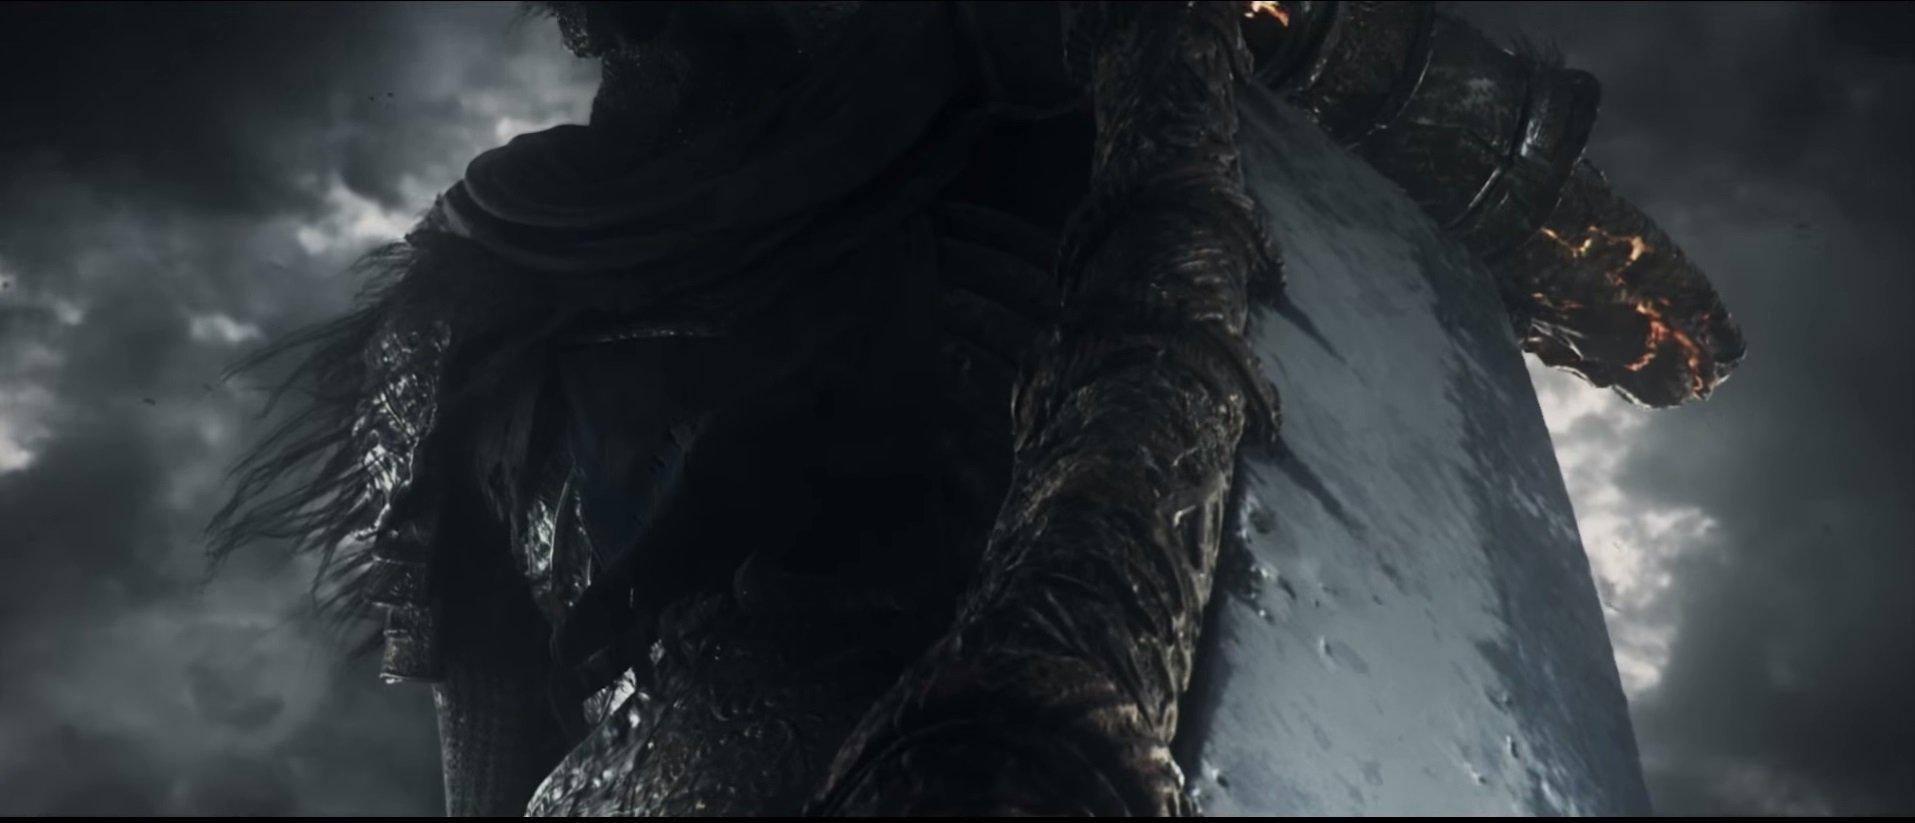 Не украденное рассмотрение трейлера Dark Souls 3 - Изображение 5